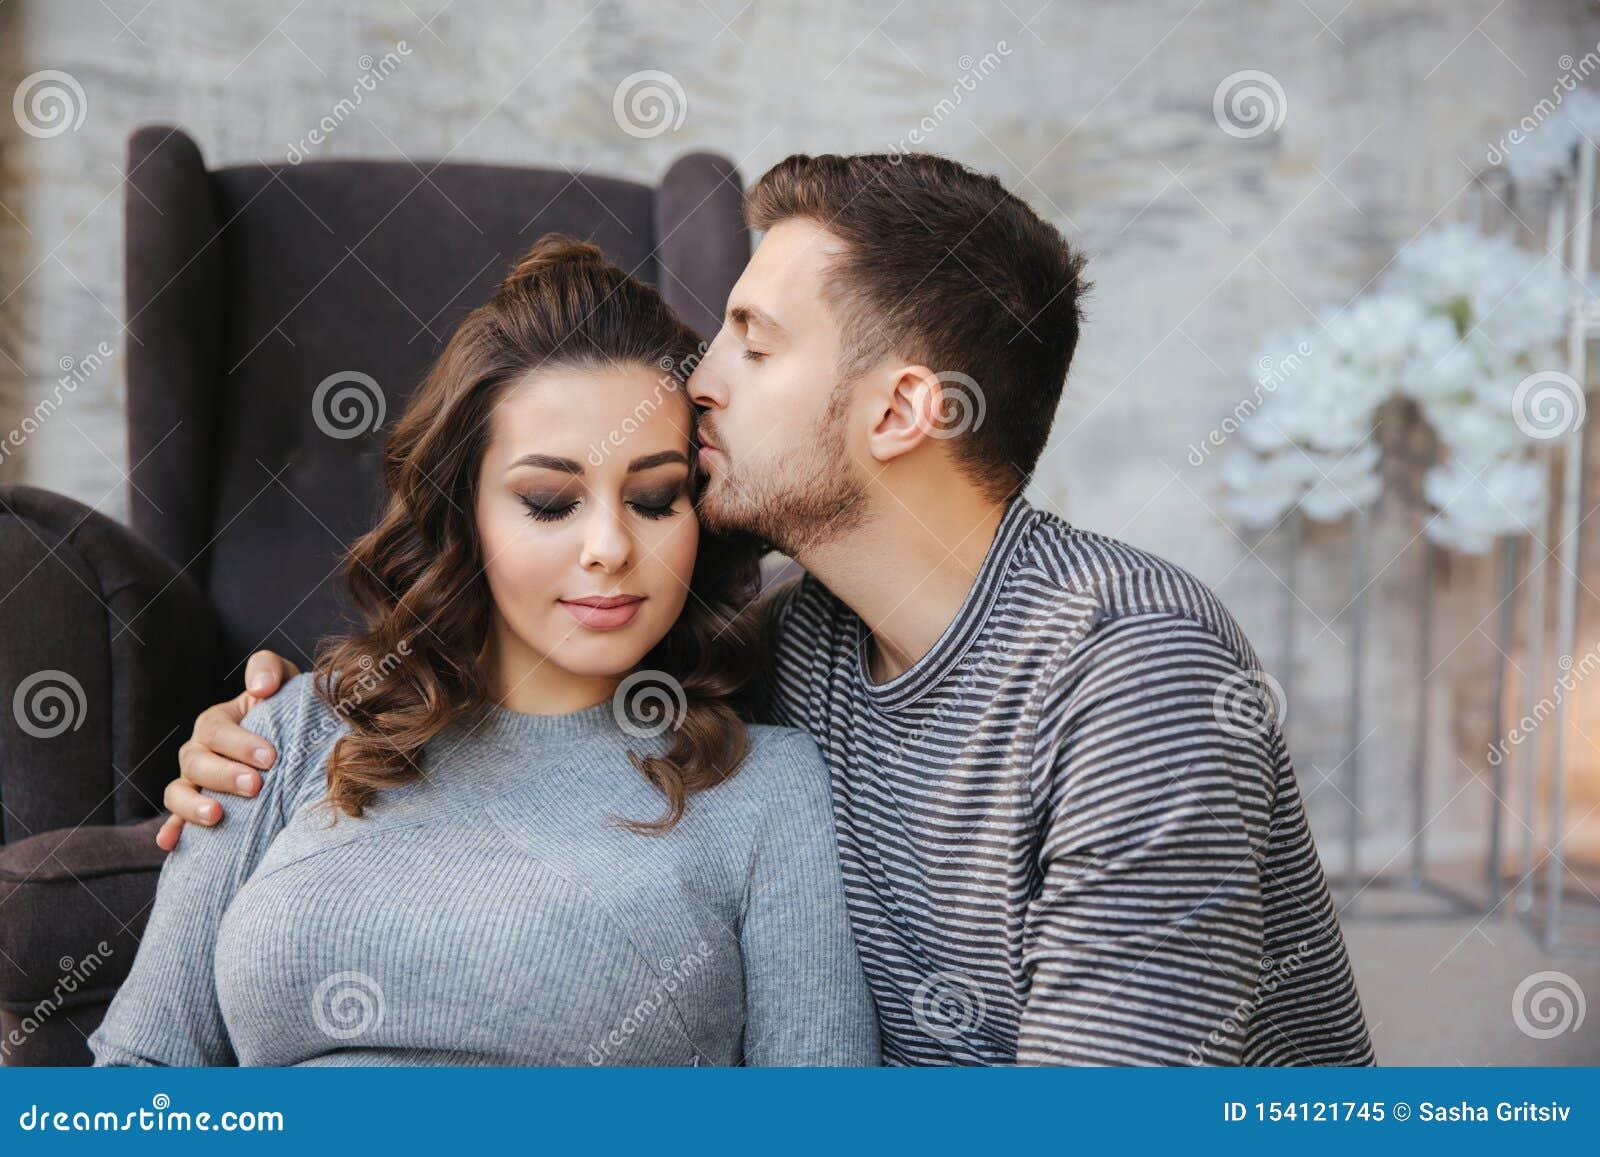 Sist novo da fam?lia perto da cadeira e olhar na barriga Mulher de Pregman com seu homem amado Pares felizes